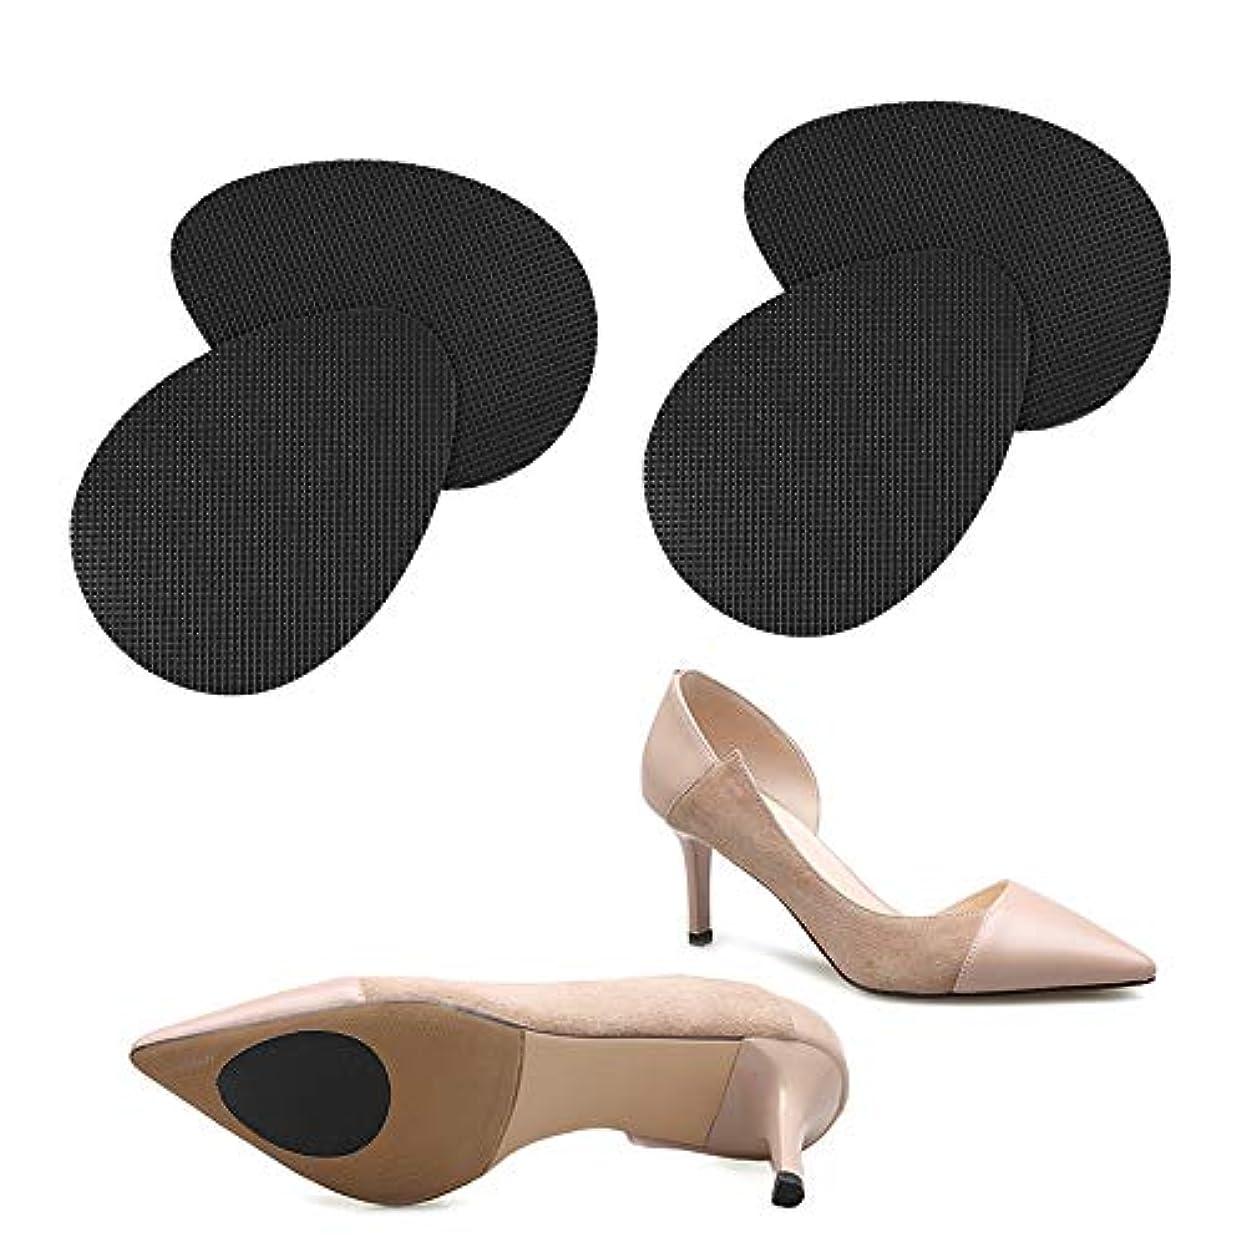 夢中ソーダ水登録する靴 滑り止め ステッカー,LINECY 【スリップガード】靴保護 シート つま先&かかと 靴底補修 滑り止め (2足4枚いり)